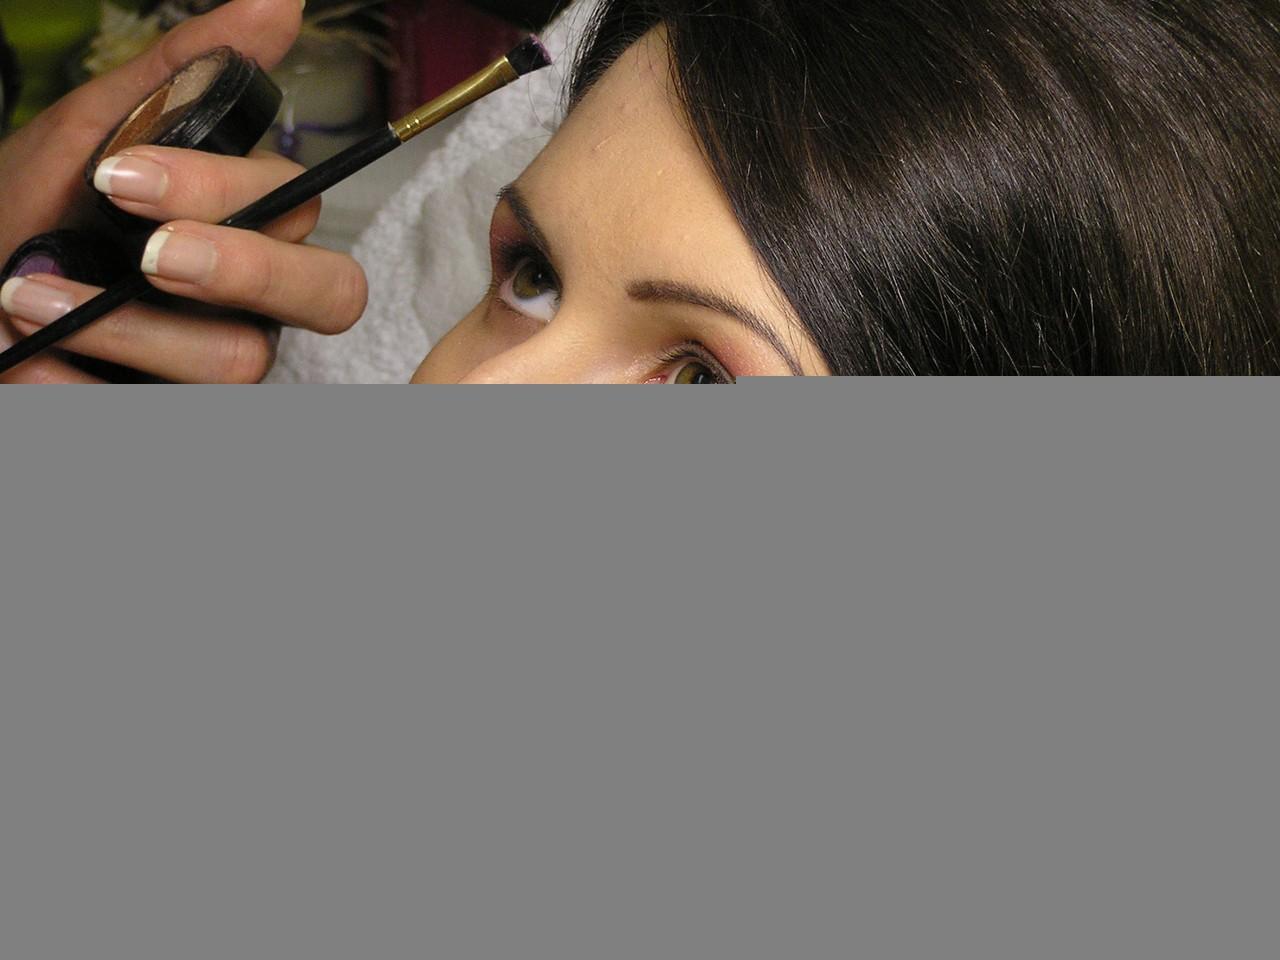 Usuwanie przebarwień na twarzy gwarantuje kosmetyczka